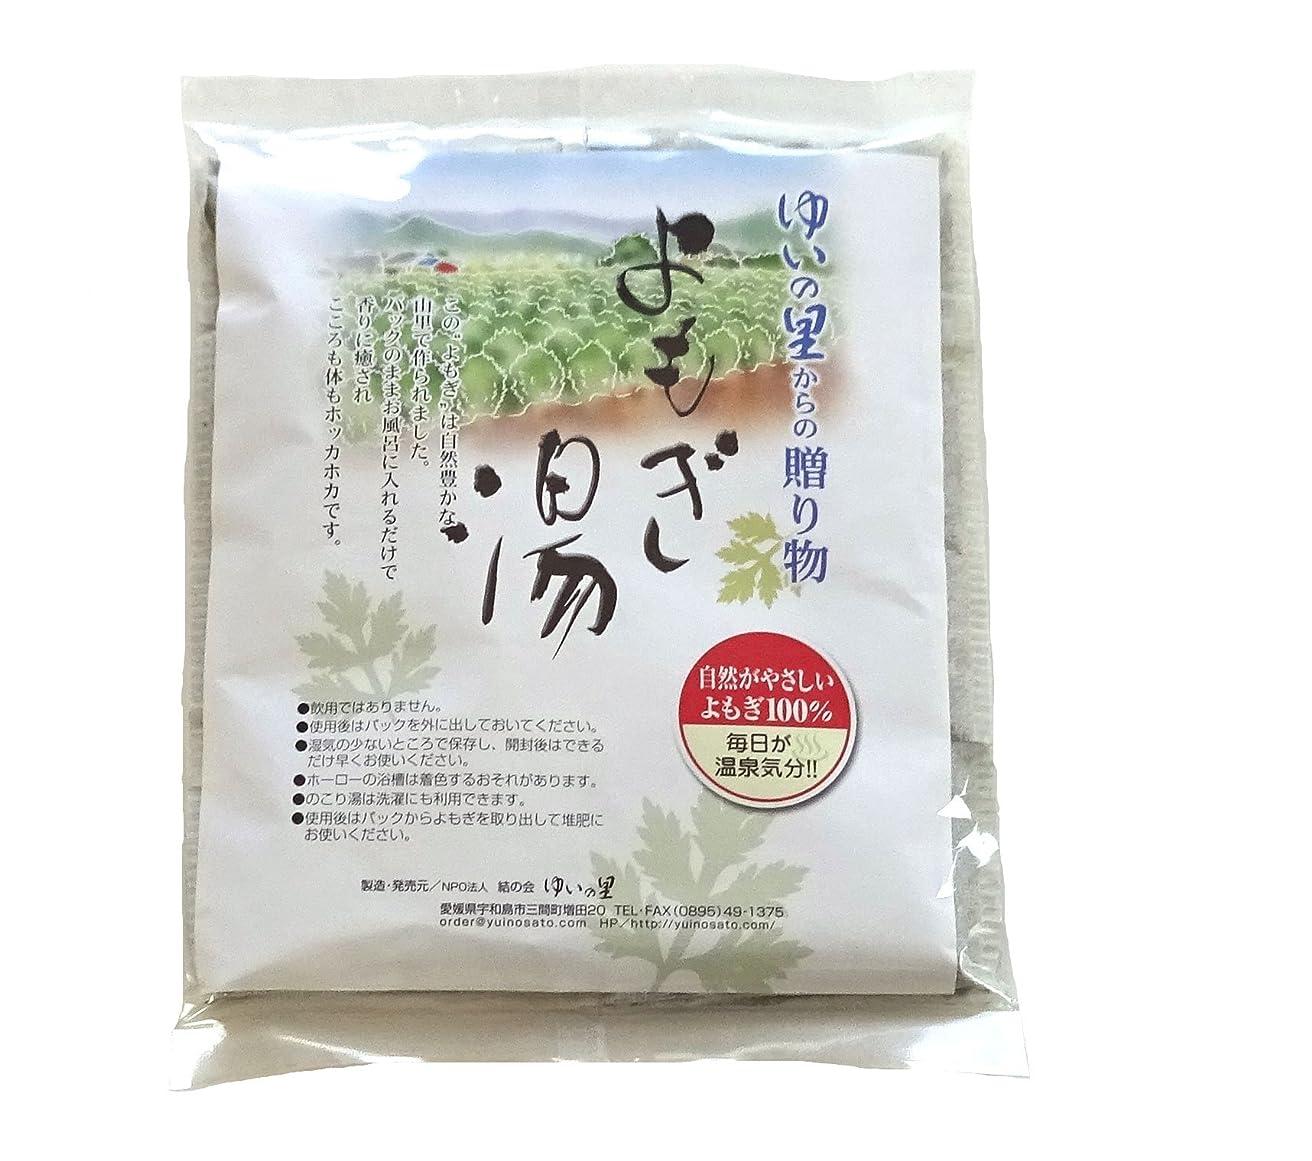 フルート犯す知覚できるよもぎ湯入浴パック (10パック入) 愛媛県産 自家栽培よもぎ100%使用